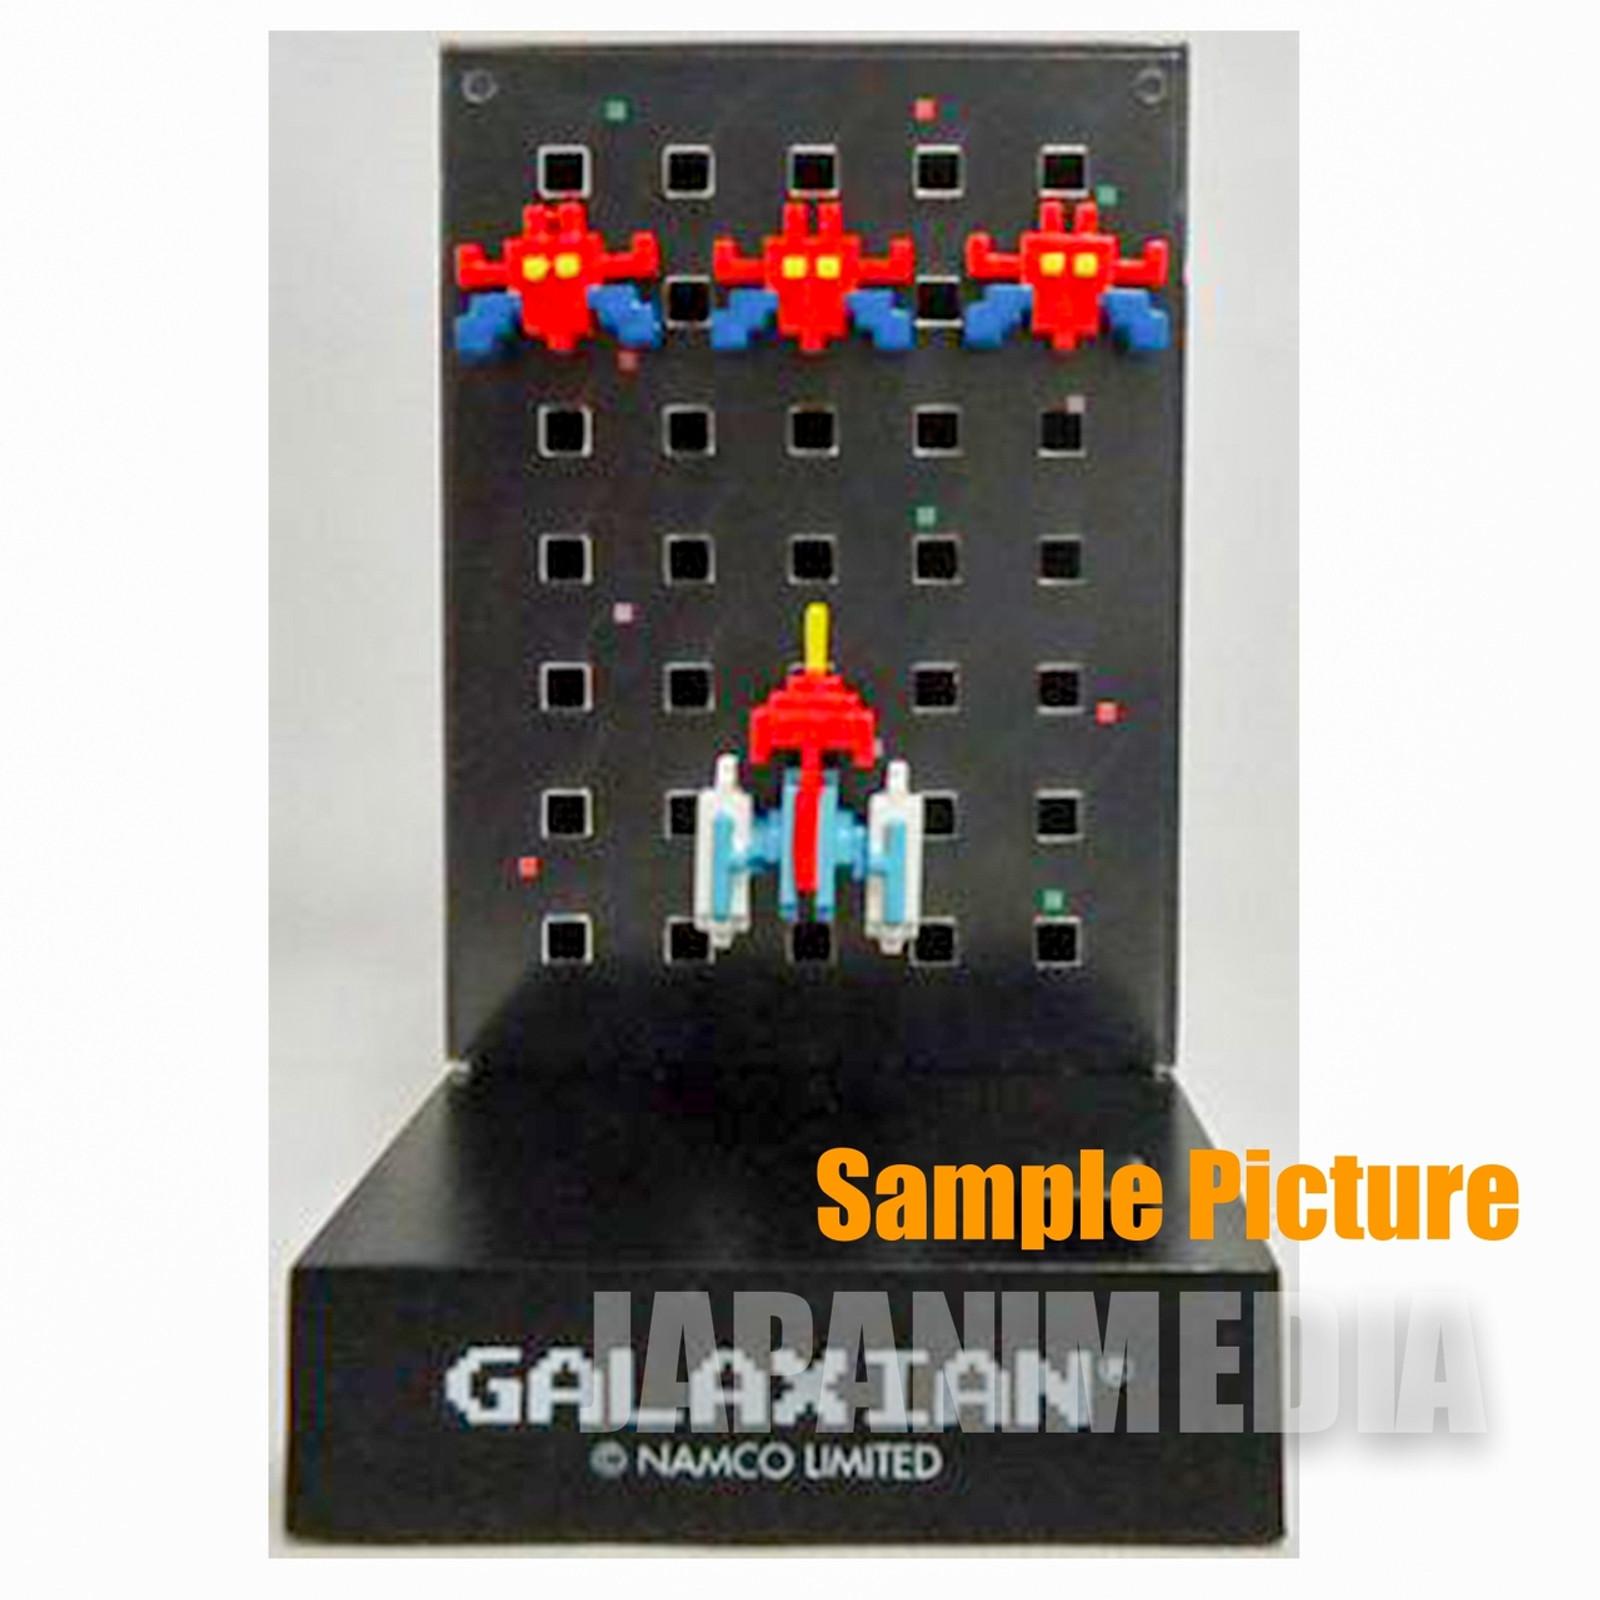 RARE! Namco Dotgraphics Galaxian Secret ver Figure with Game Sound JAPAN FAMICOM